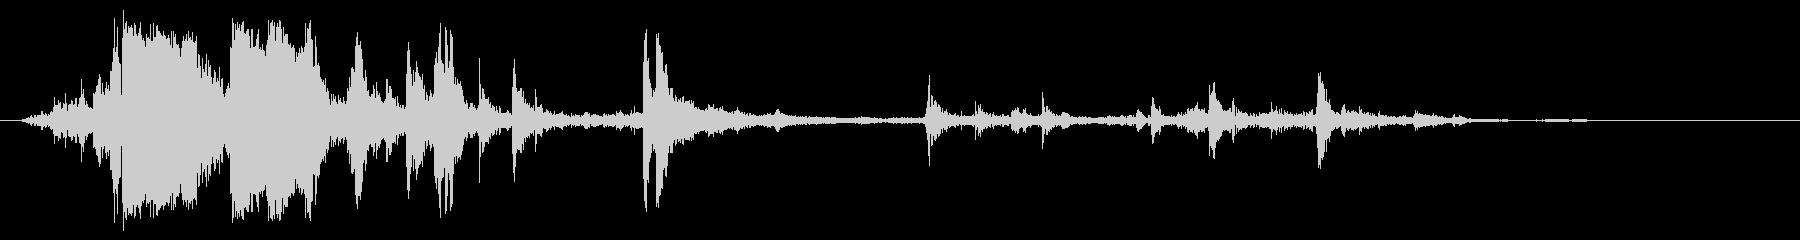 カラカラカラ(氷の音)の未再生の波形